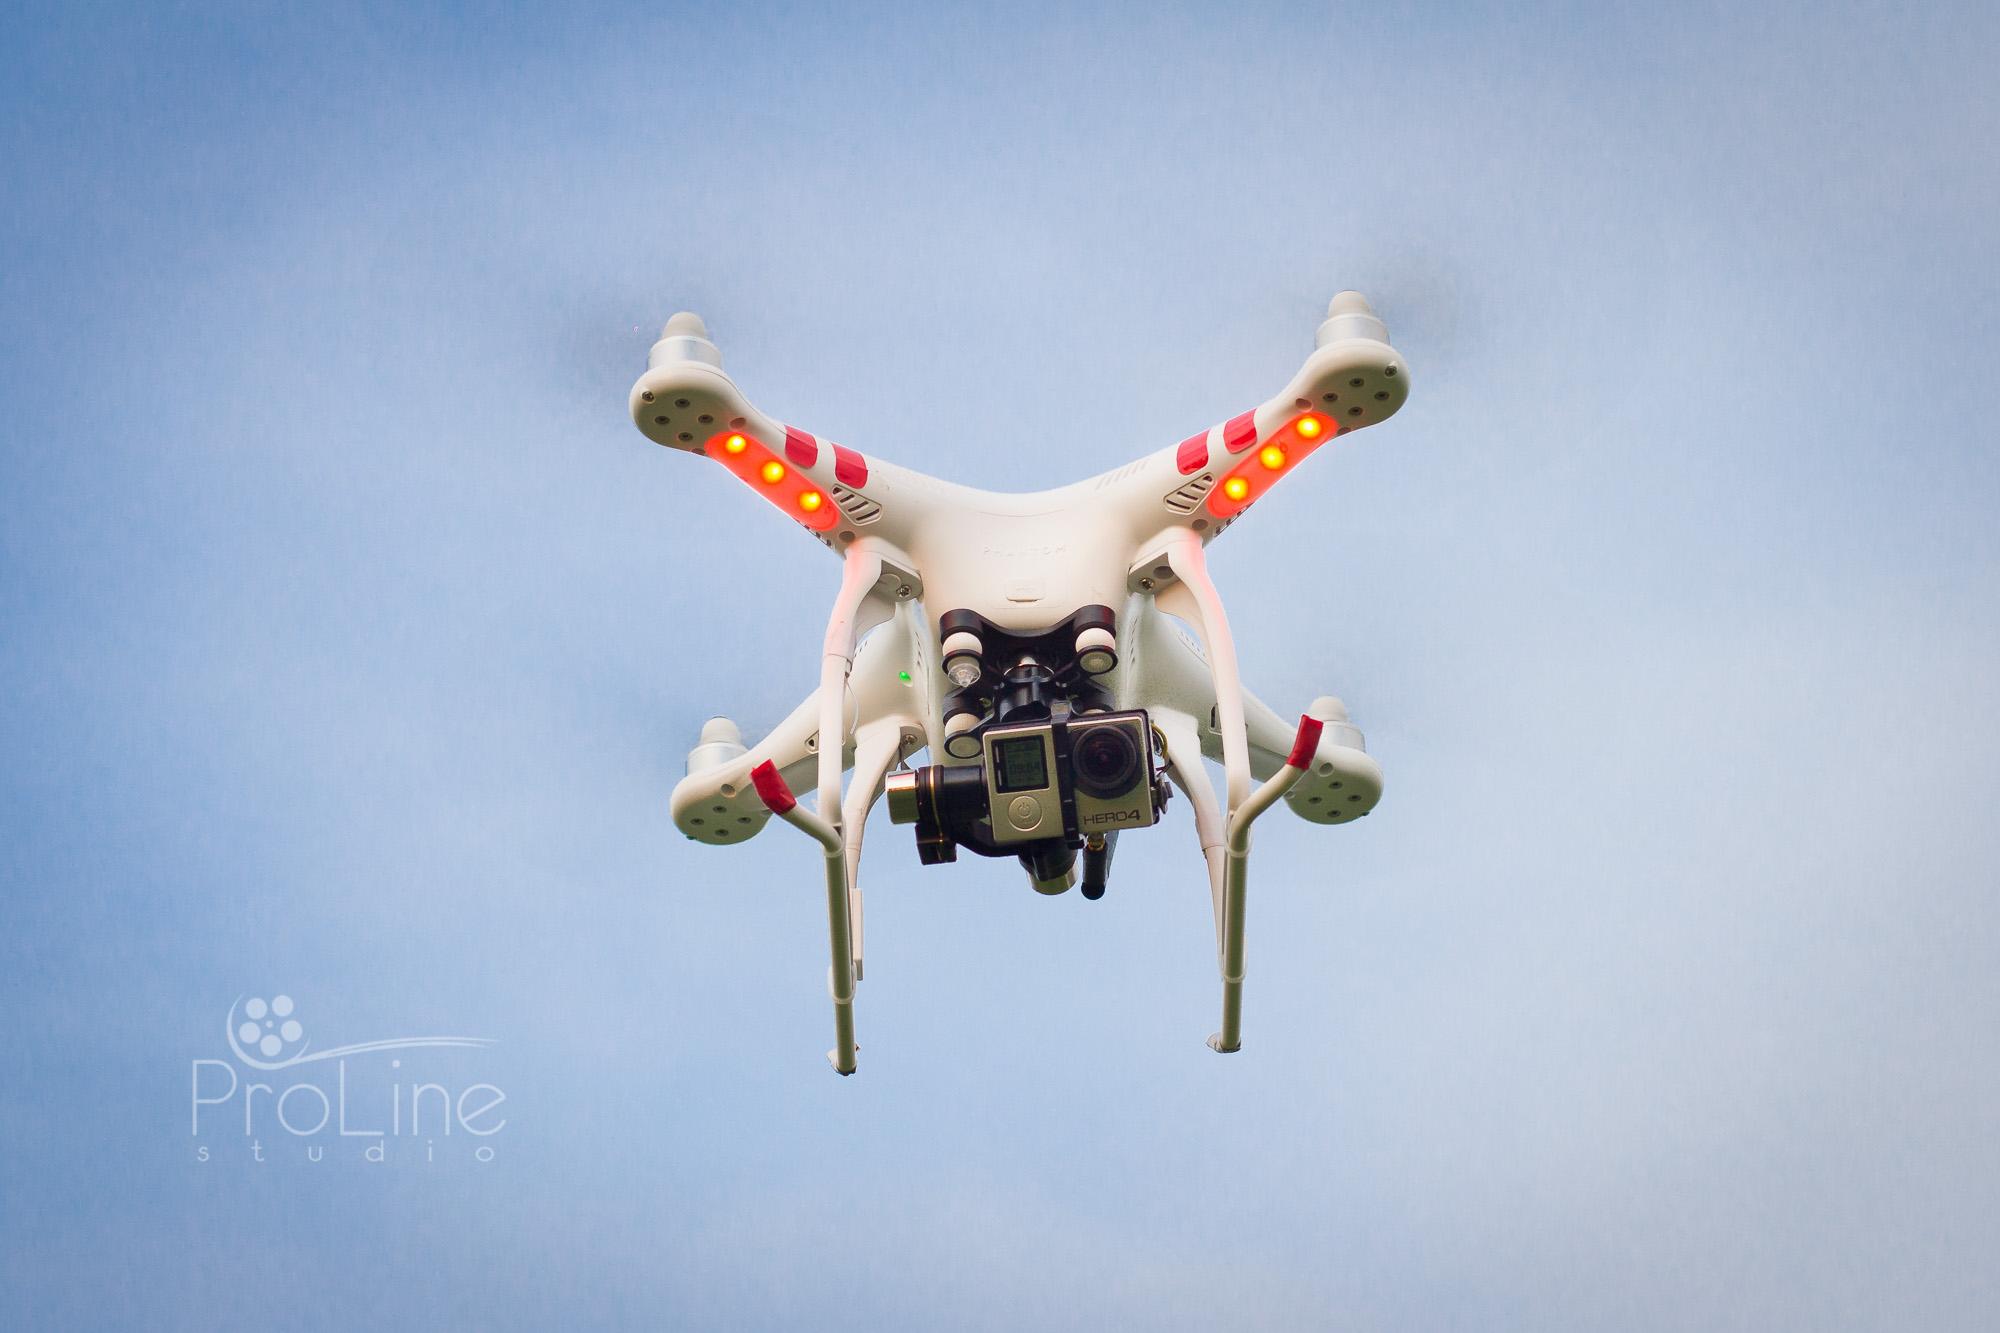 Filmowanie z powietrza, filmy z loty ptaka